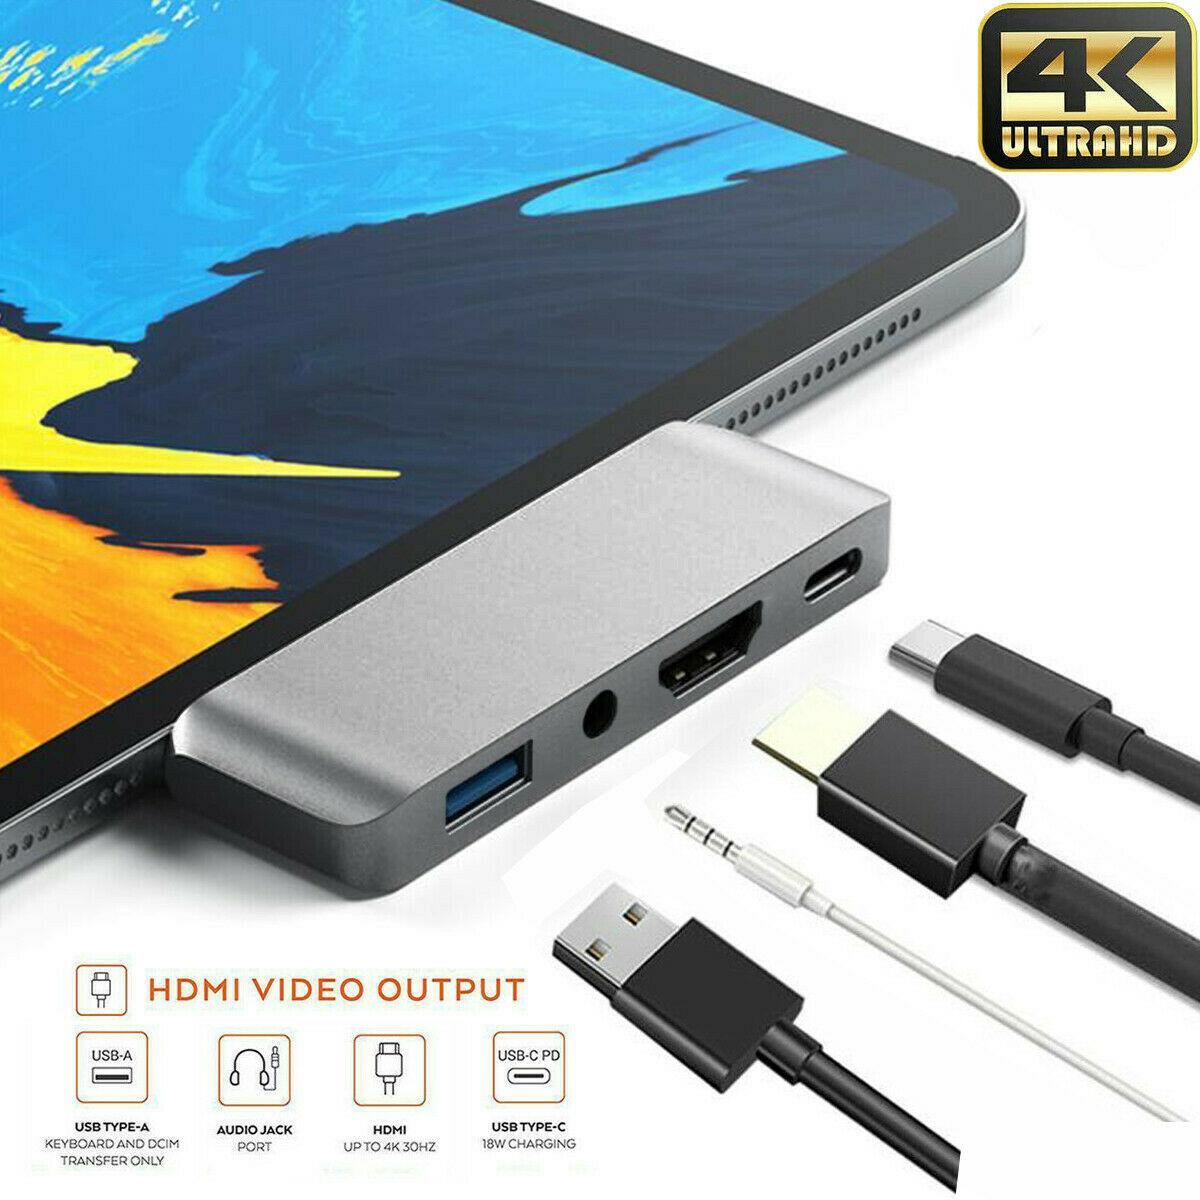 UGI 4IN1 نوع C USB HUB عالية السرعة الخارجية 4 منافذ محول تيار مستمر 3.5 إخراج الصوت الخائن USB الكمبيوتر لأجهزة الكمبيوتر المحمول ماك بوك USB3.0